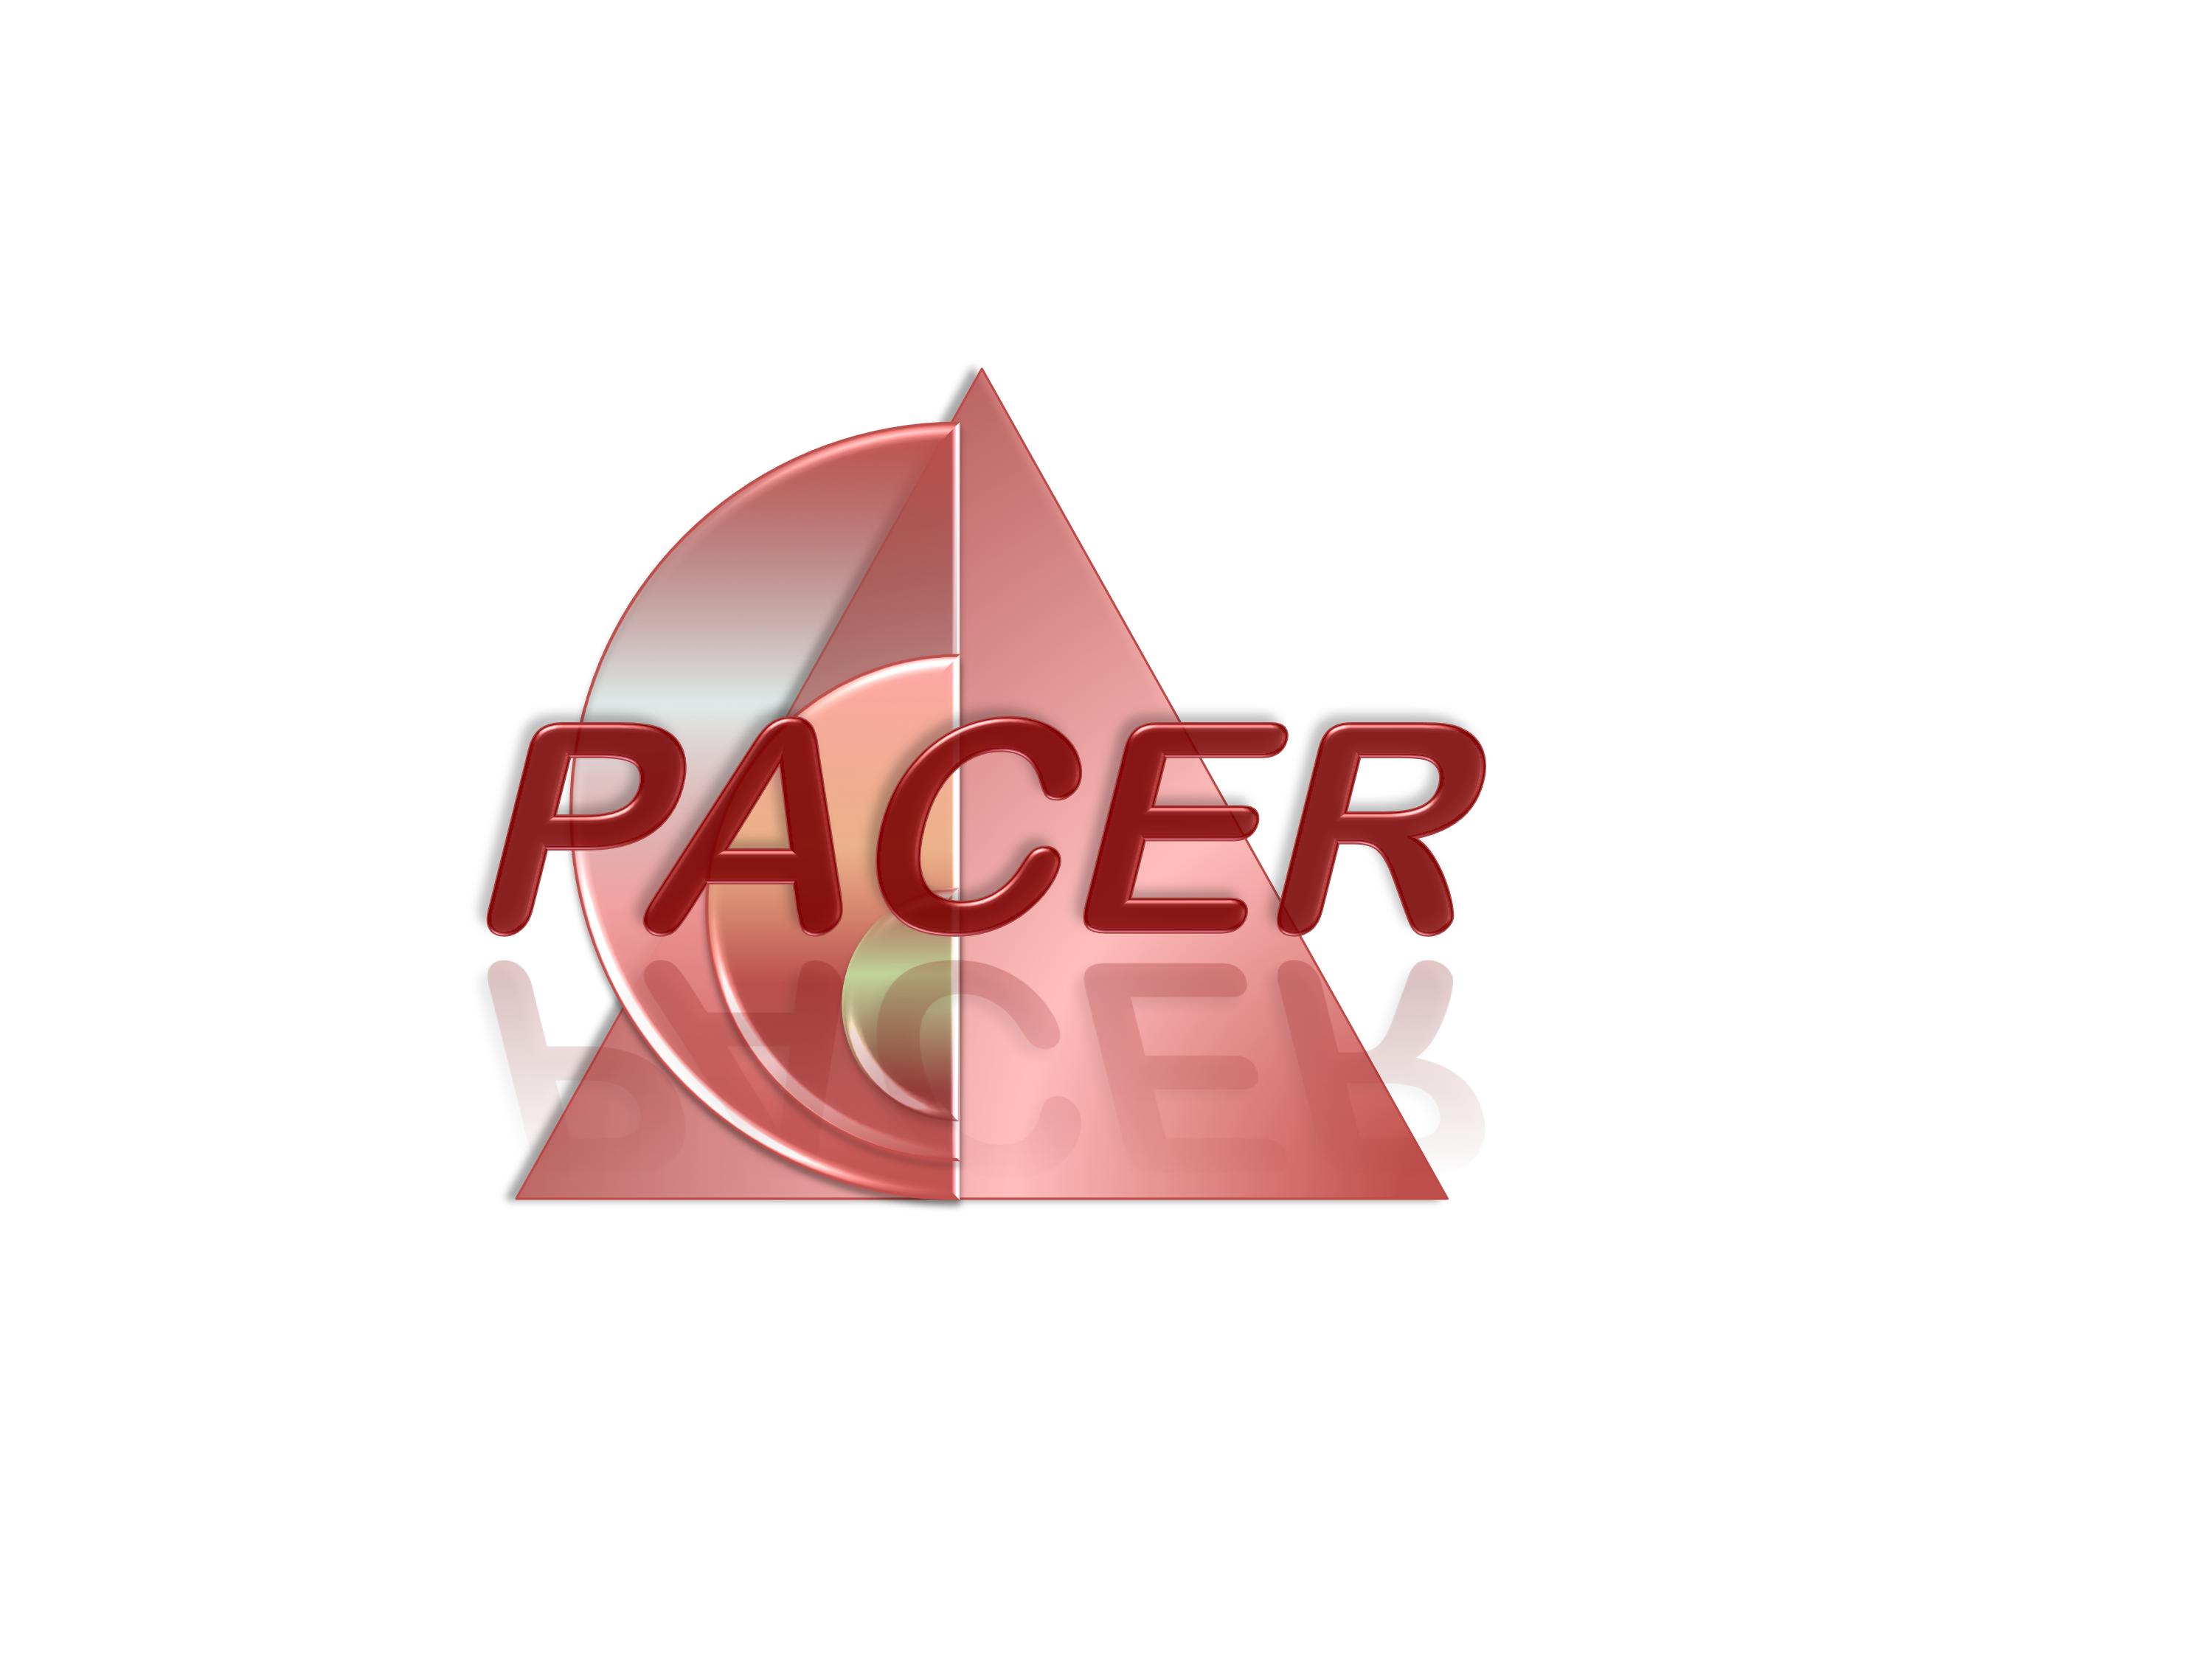 PACER-adoption